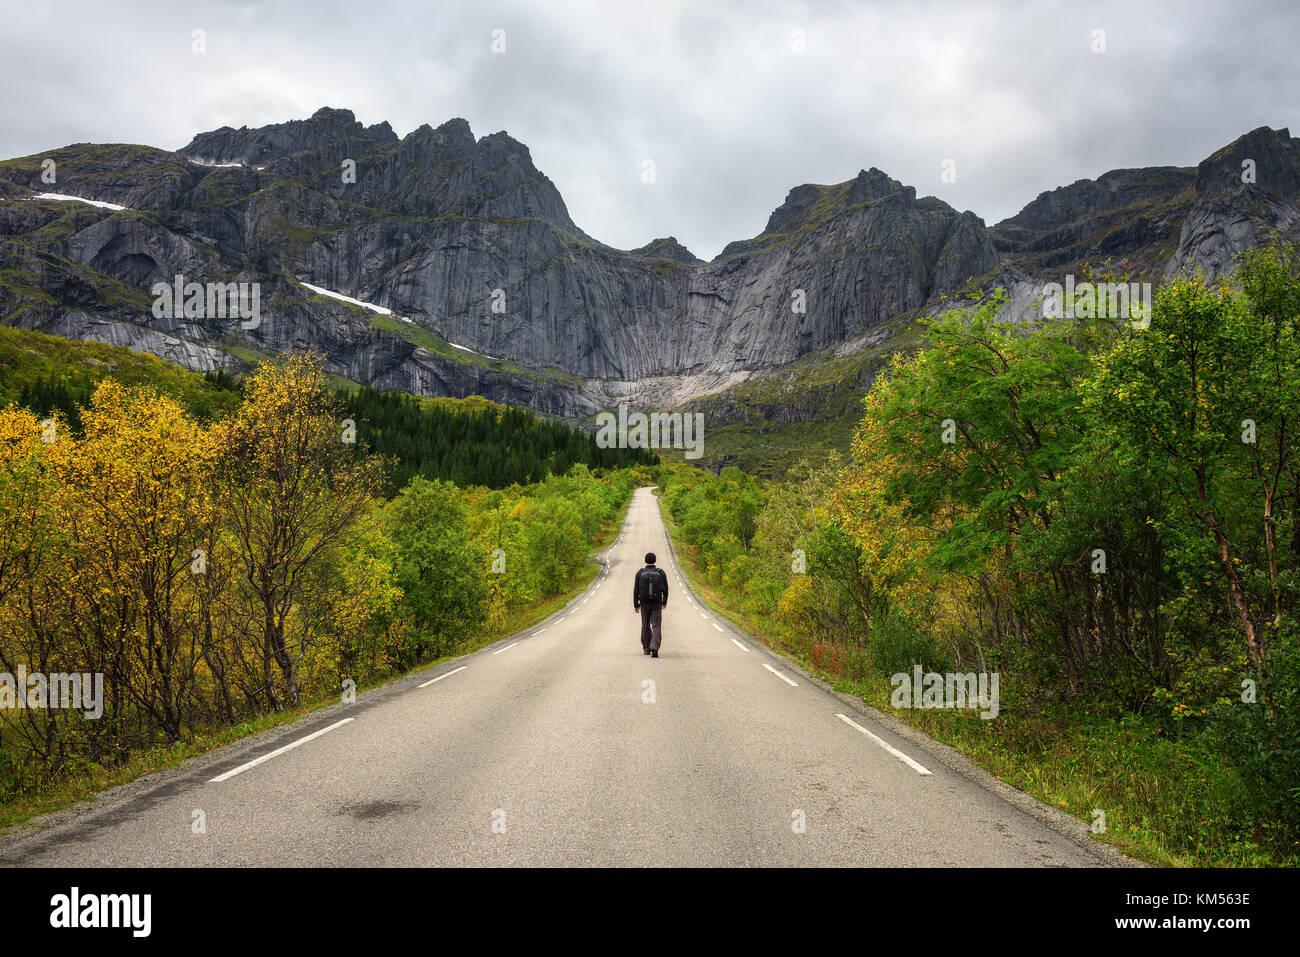 Escursionista cammina su una strada panoramica sulle isole Lofoten in Norvegia Immagini Stock